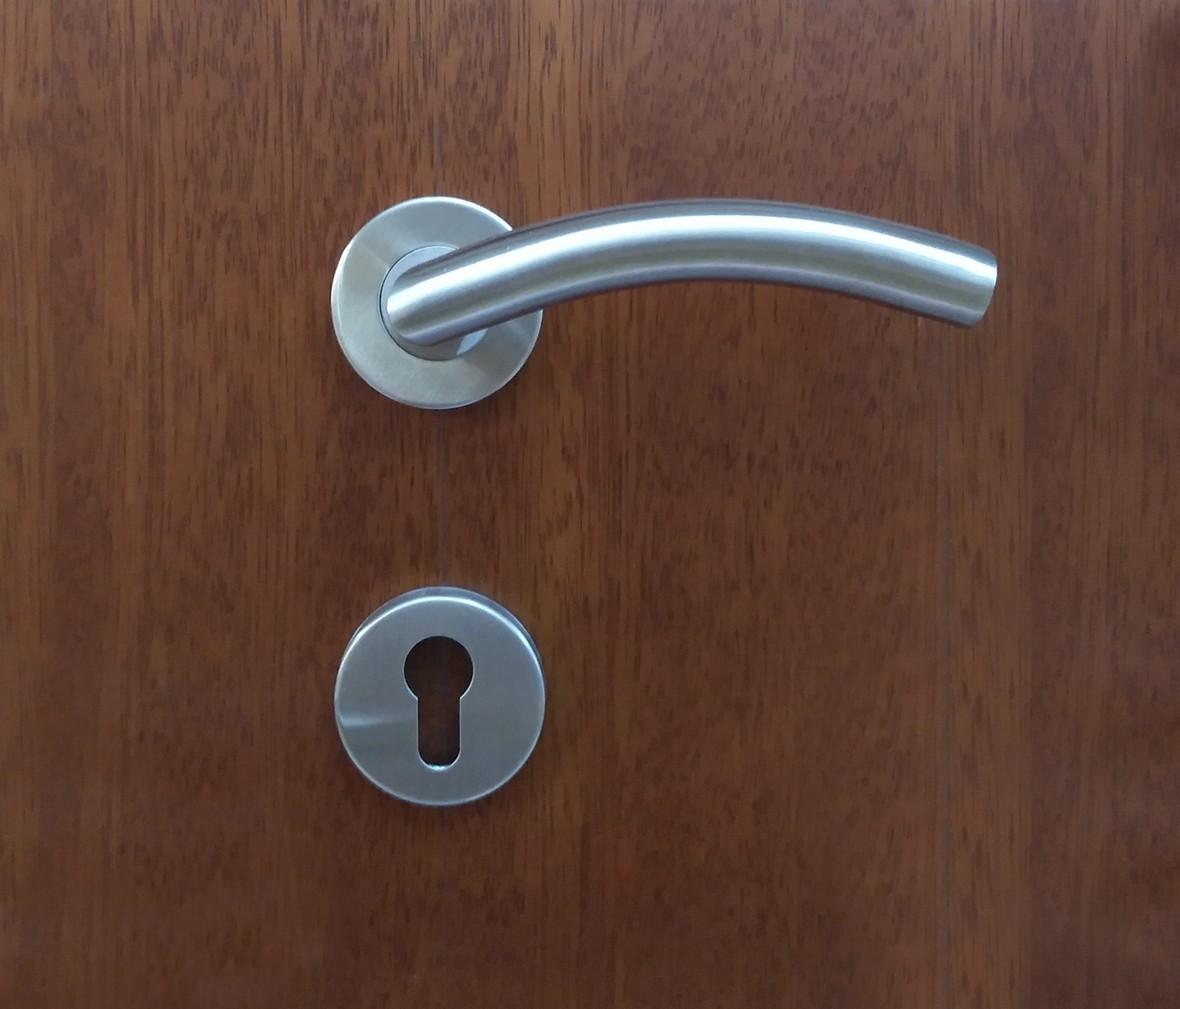 晾霸五金 米开朗G30111S型号门锁 铝合金材质 门锁 拉丝工艺 情景 细节